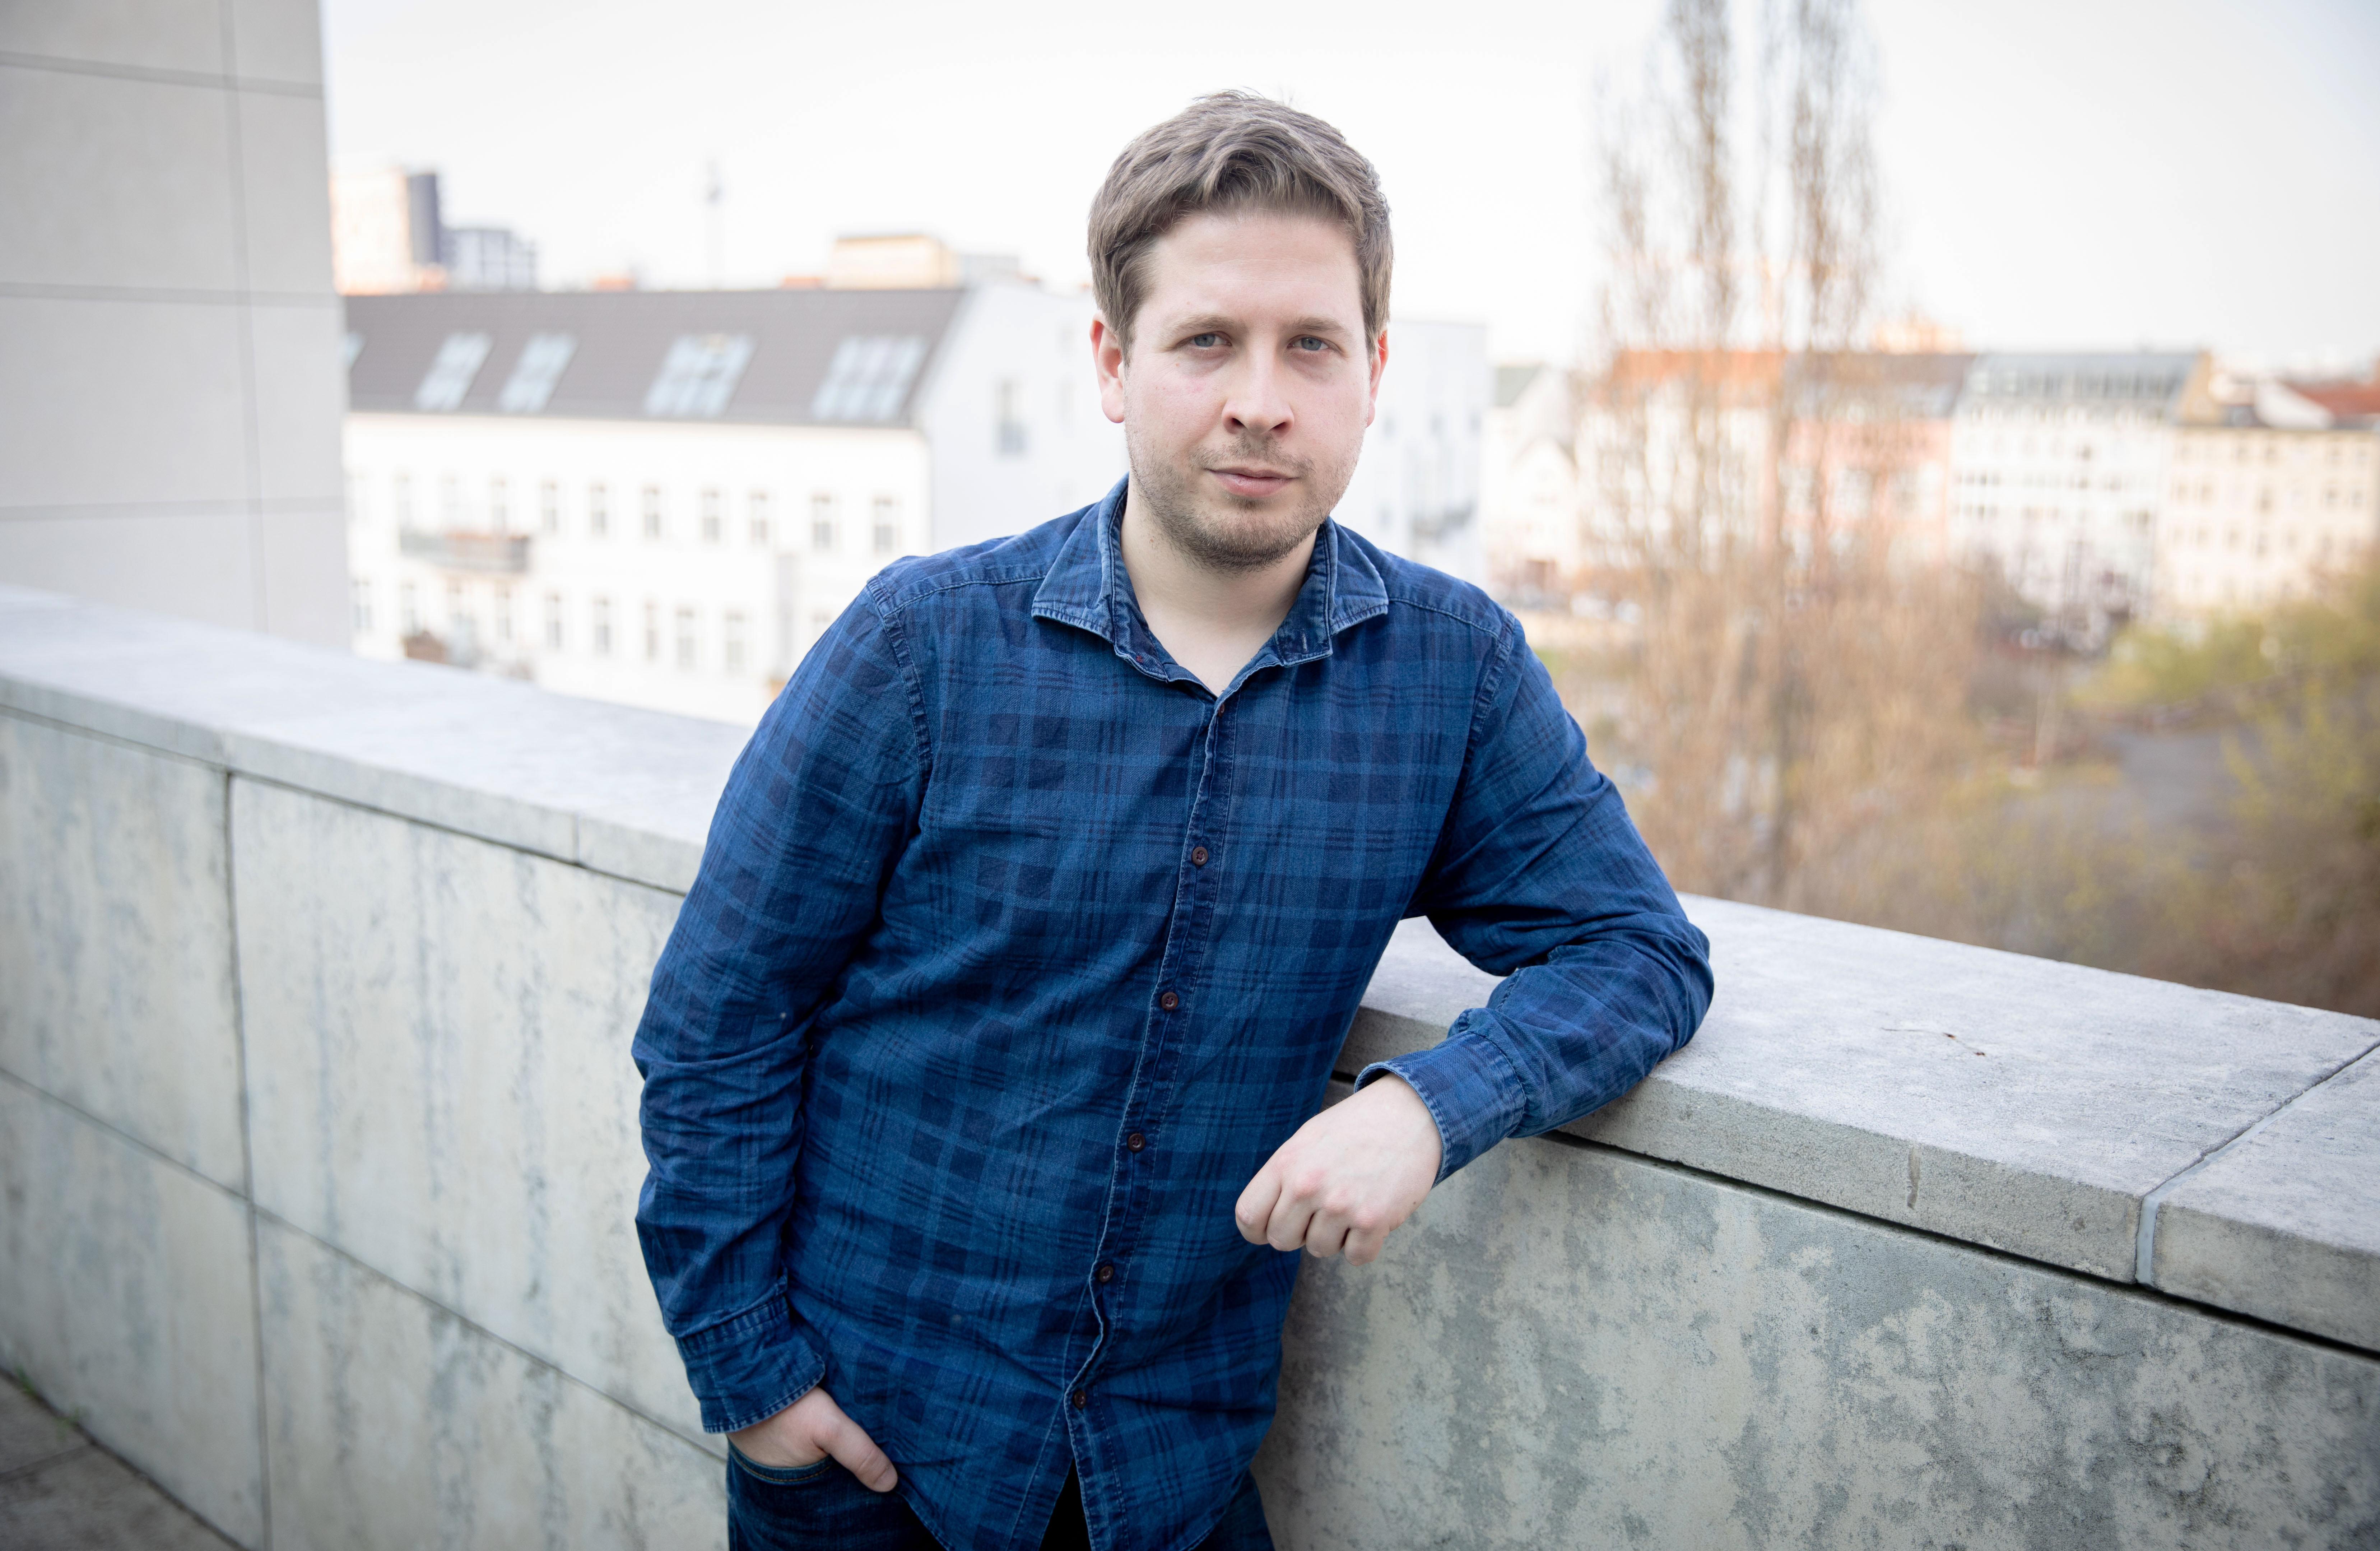 A német autógyárak államosításáról beszélt az SPD ifjúsági mozgalmának vezetője